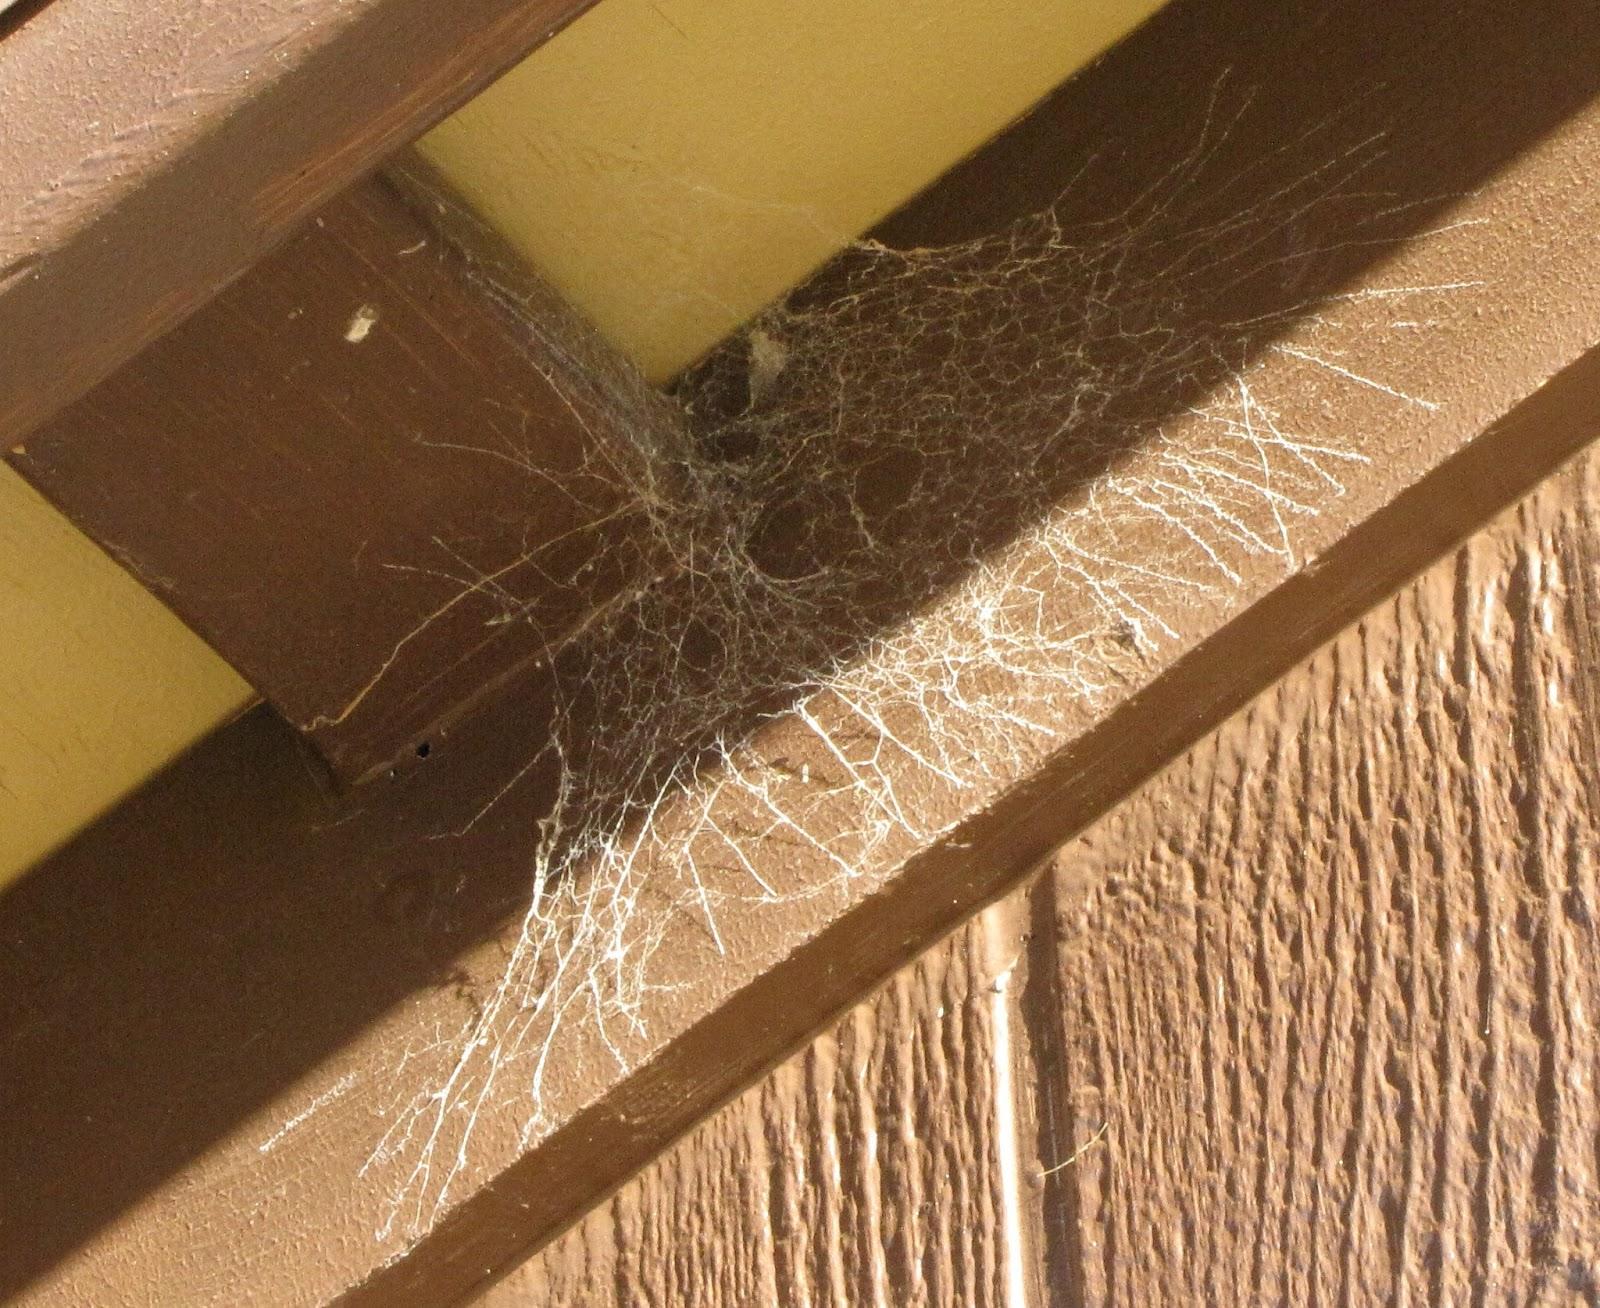 spider pest control Albury